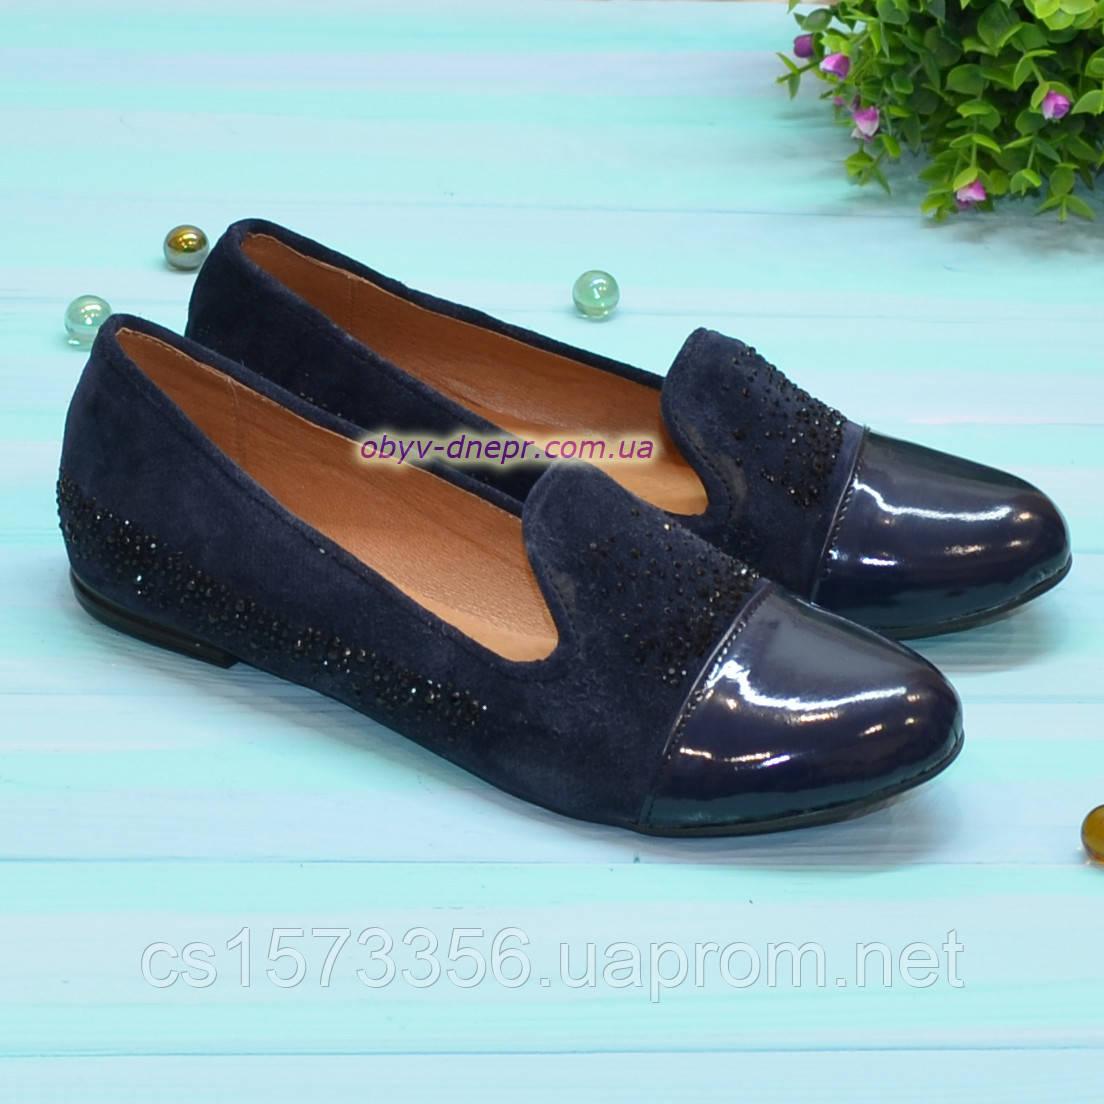 Женские туфли из натуральной замши и лаковой кожи, декорированы стразами. Цвет синий